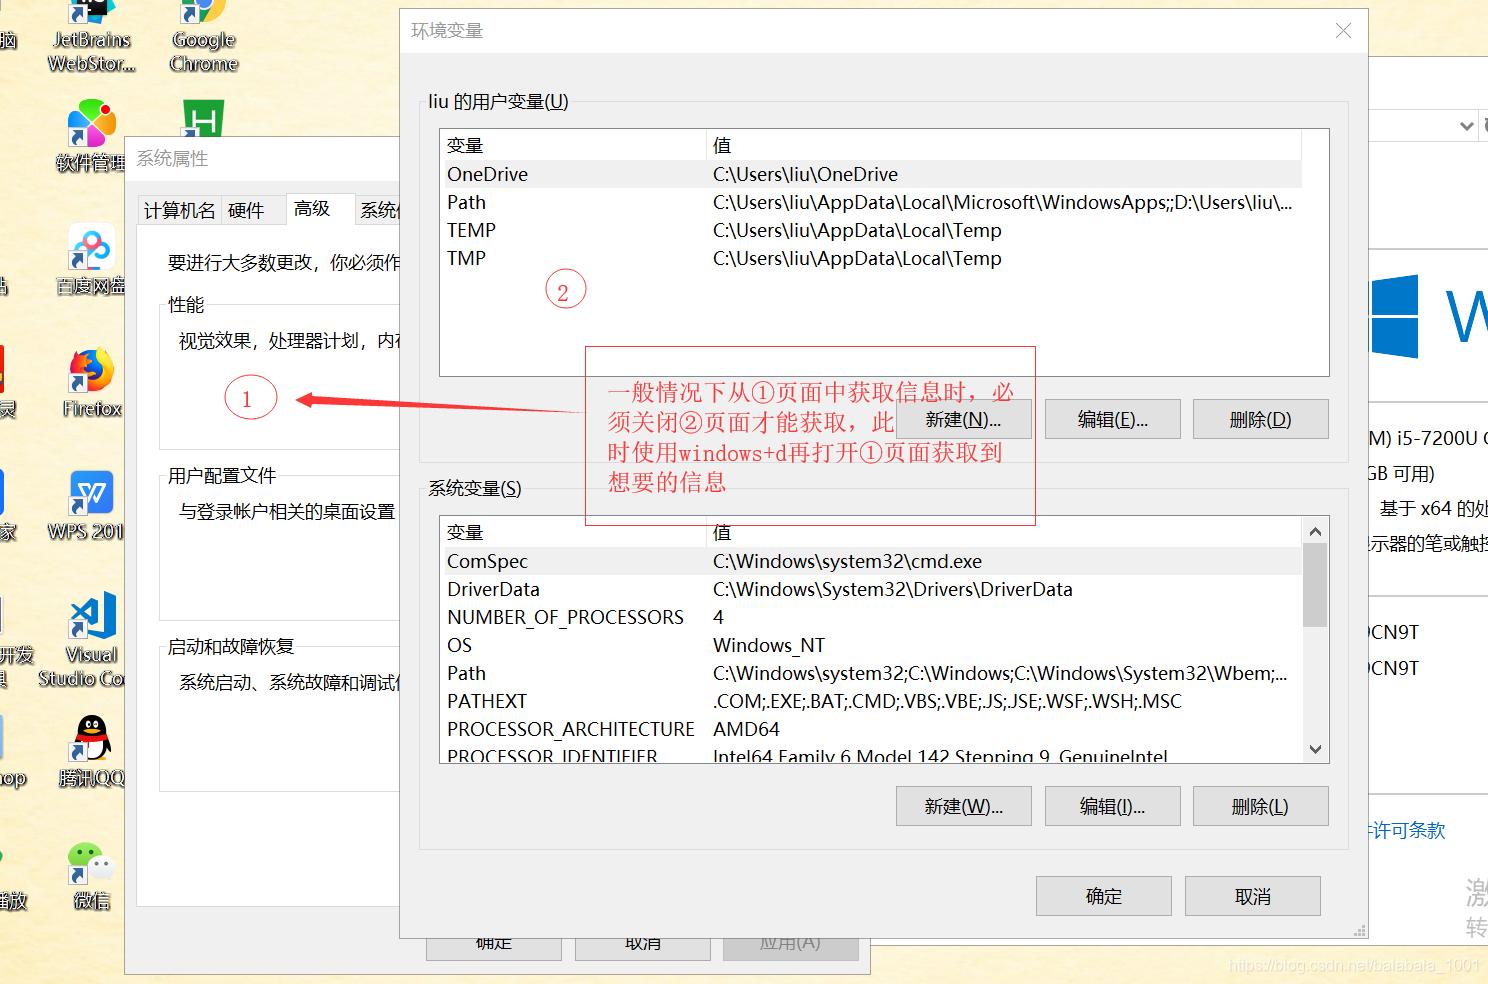 window徽标+d快捷键的用法